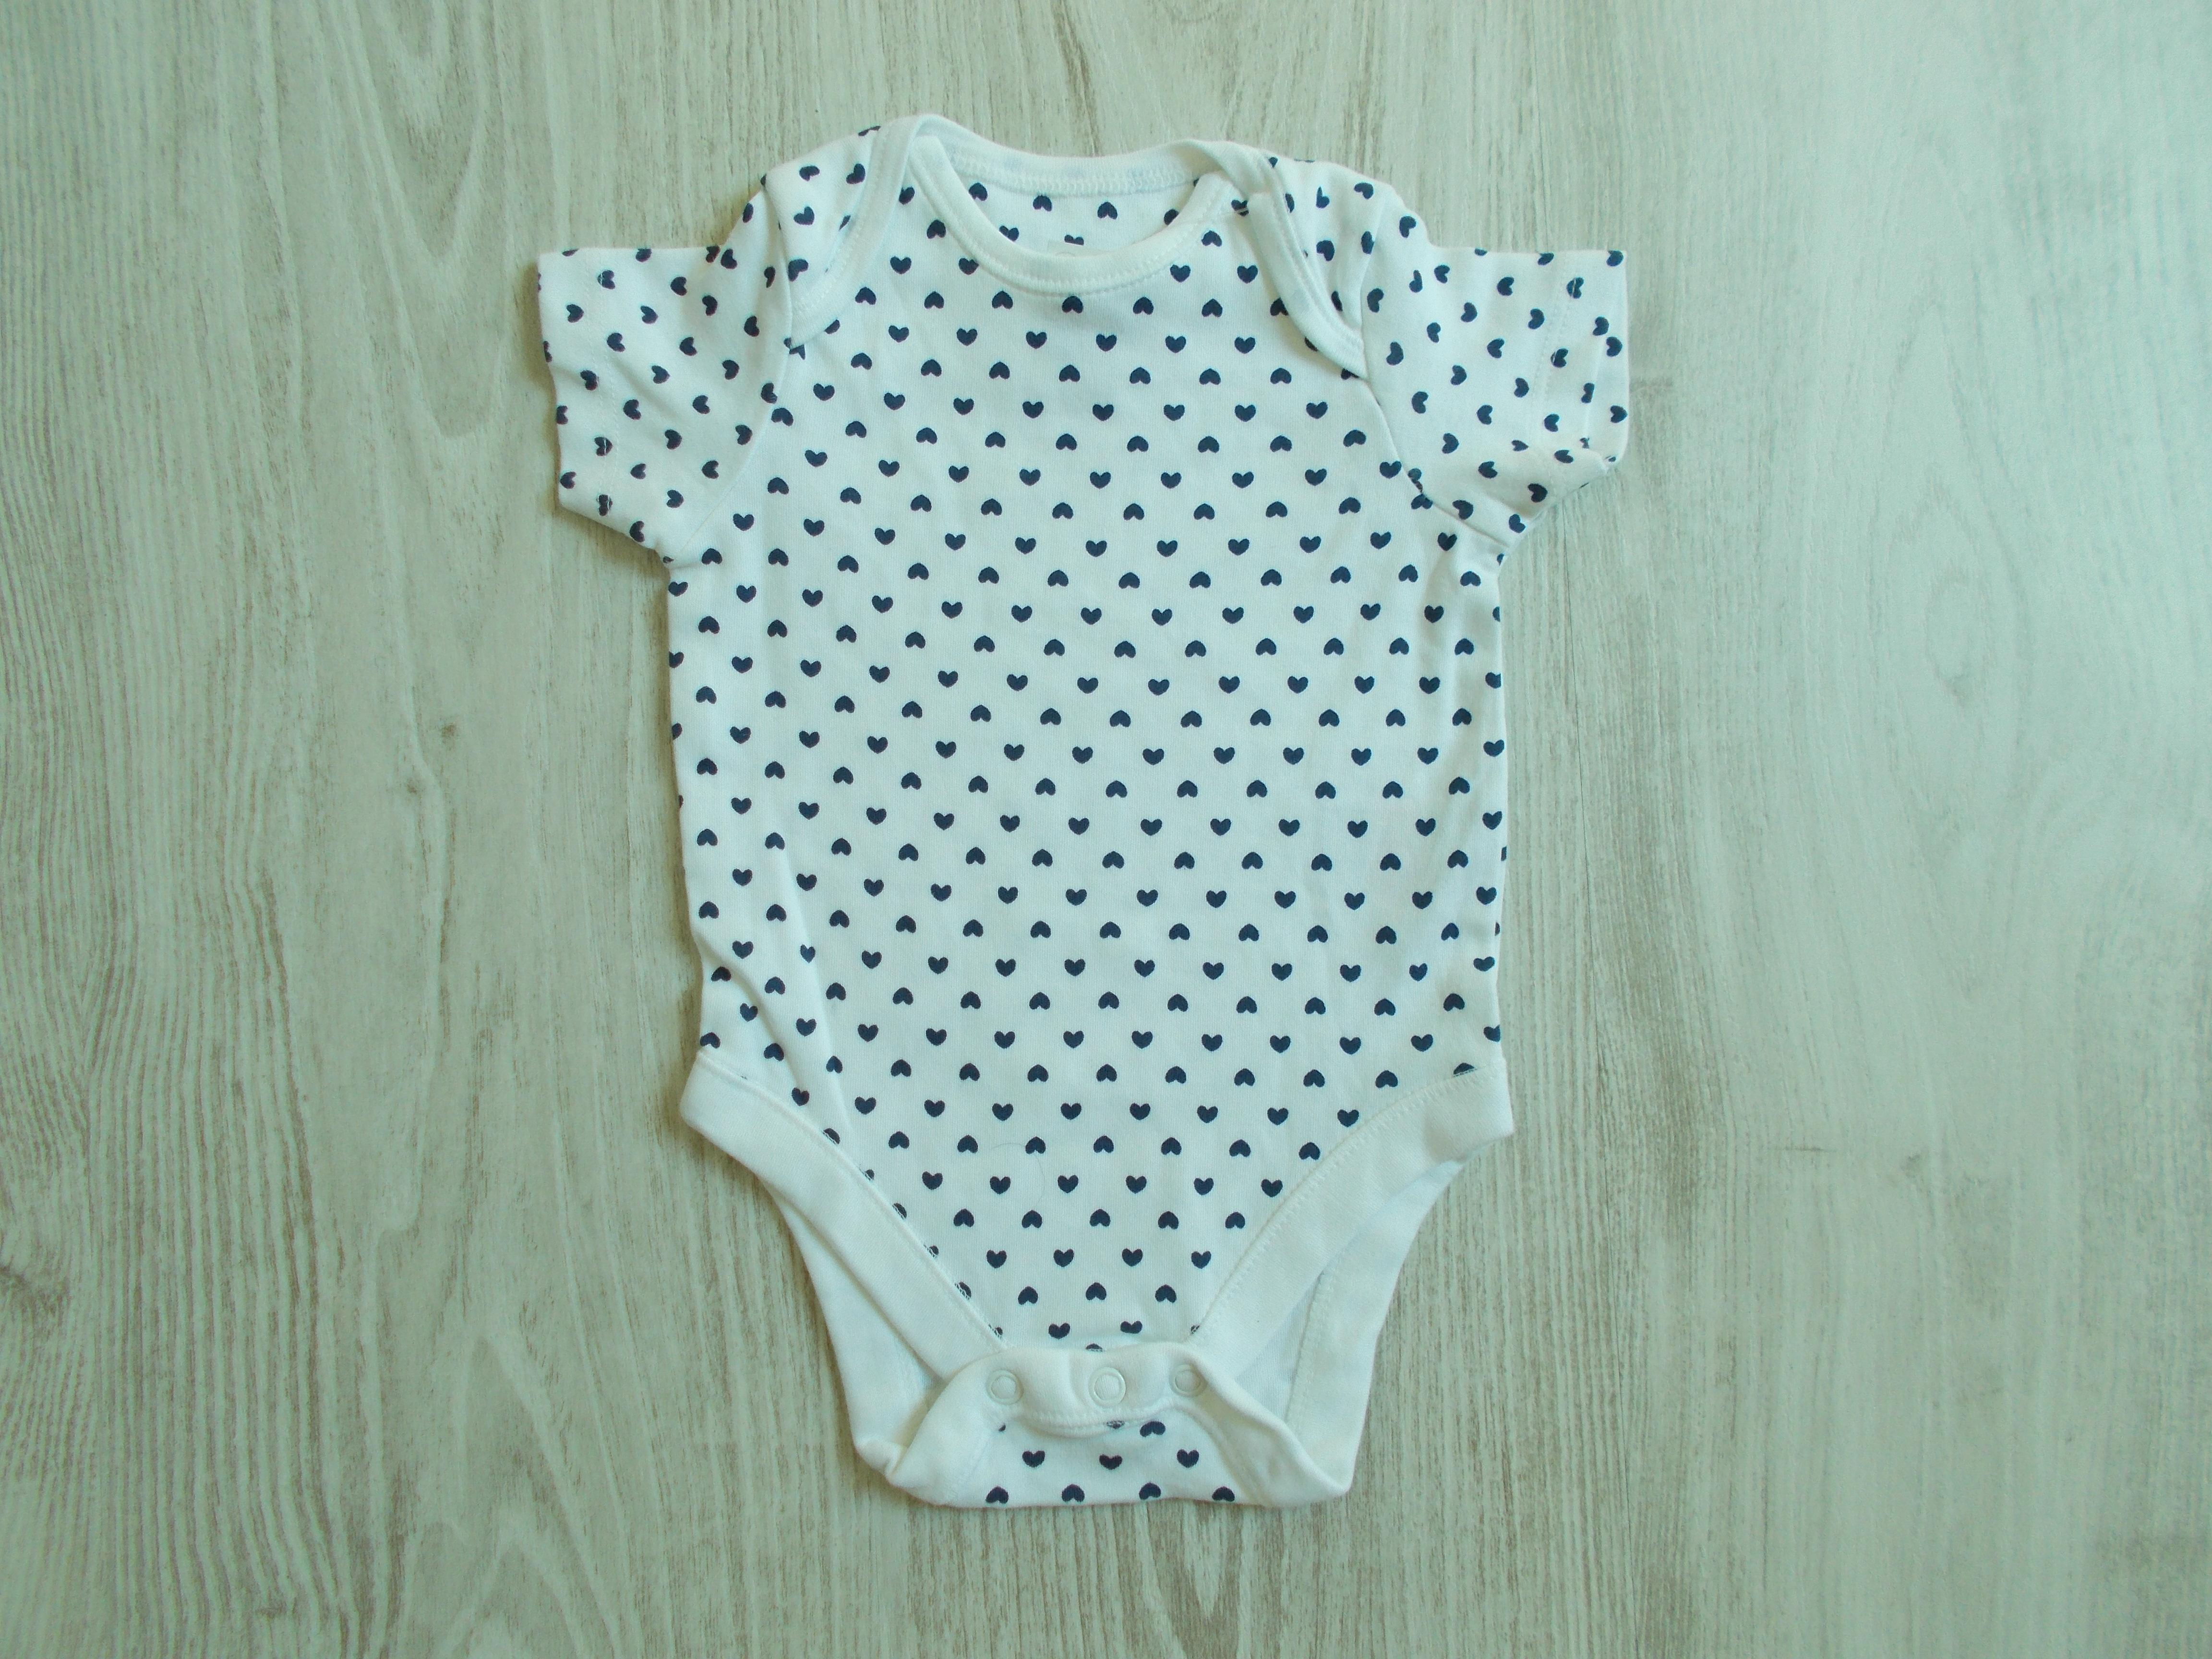 7372667e82 Szívecskés body [62 (0-3 hó) / Lány ruhák] :: Lótusz Gyerekruha Webshop